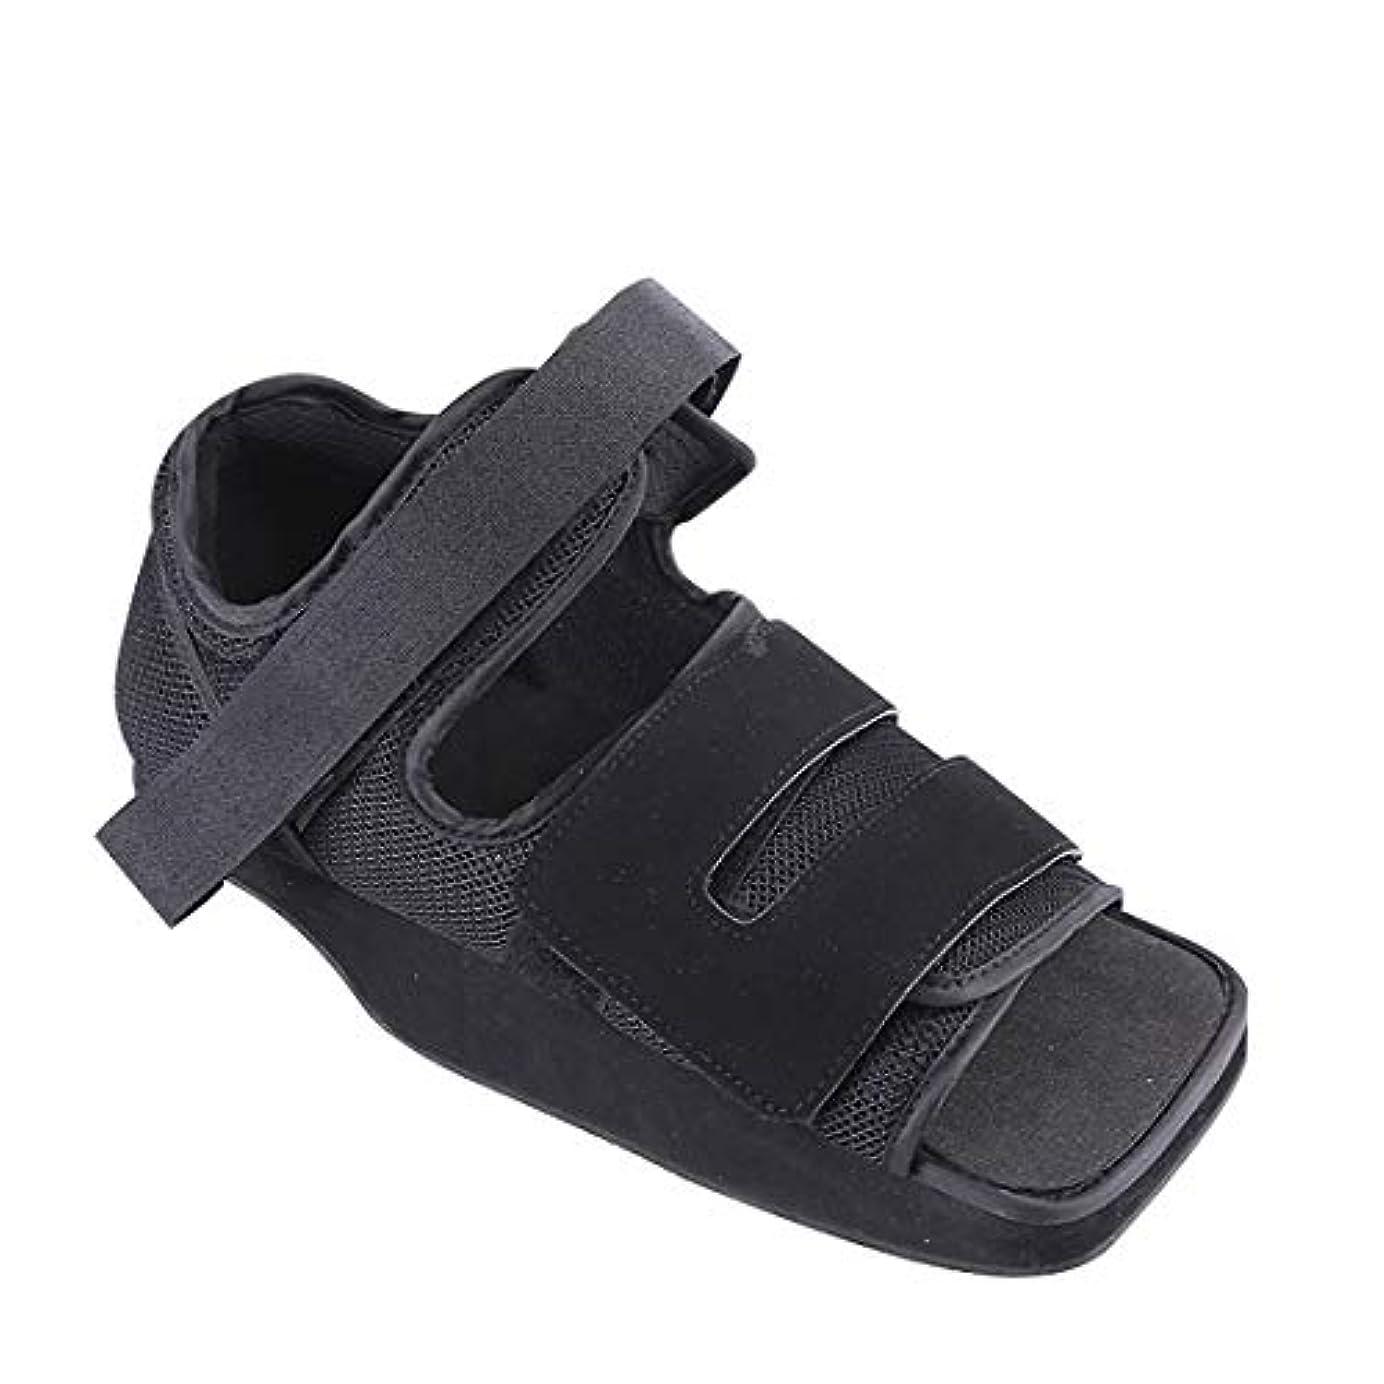 再撮りシュガー狐医療足骨折石膏の回復靴の手術後のつま先の靴を安定化骨折の靴を調整可能なファスナーで完全なカバー,L28cm